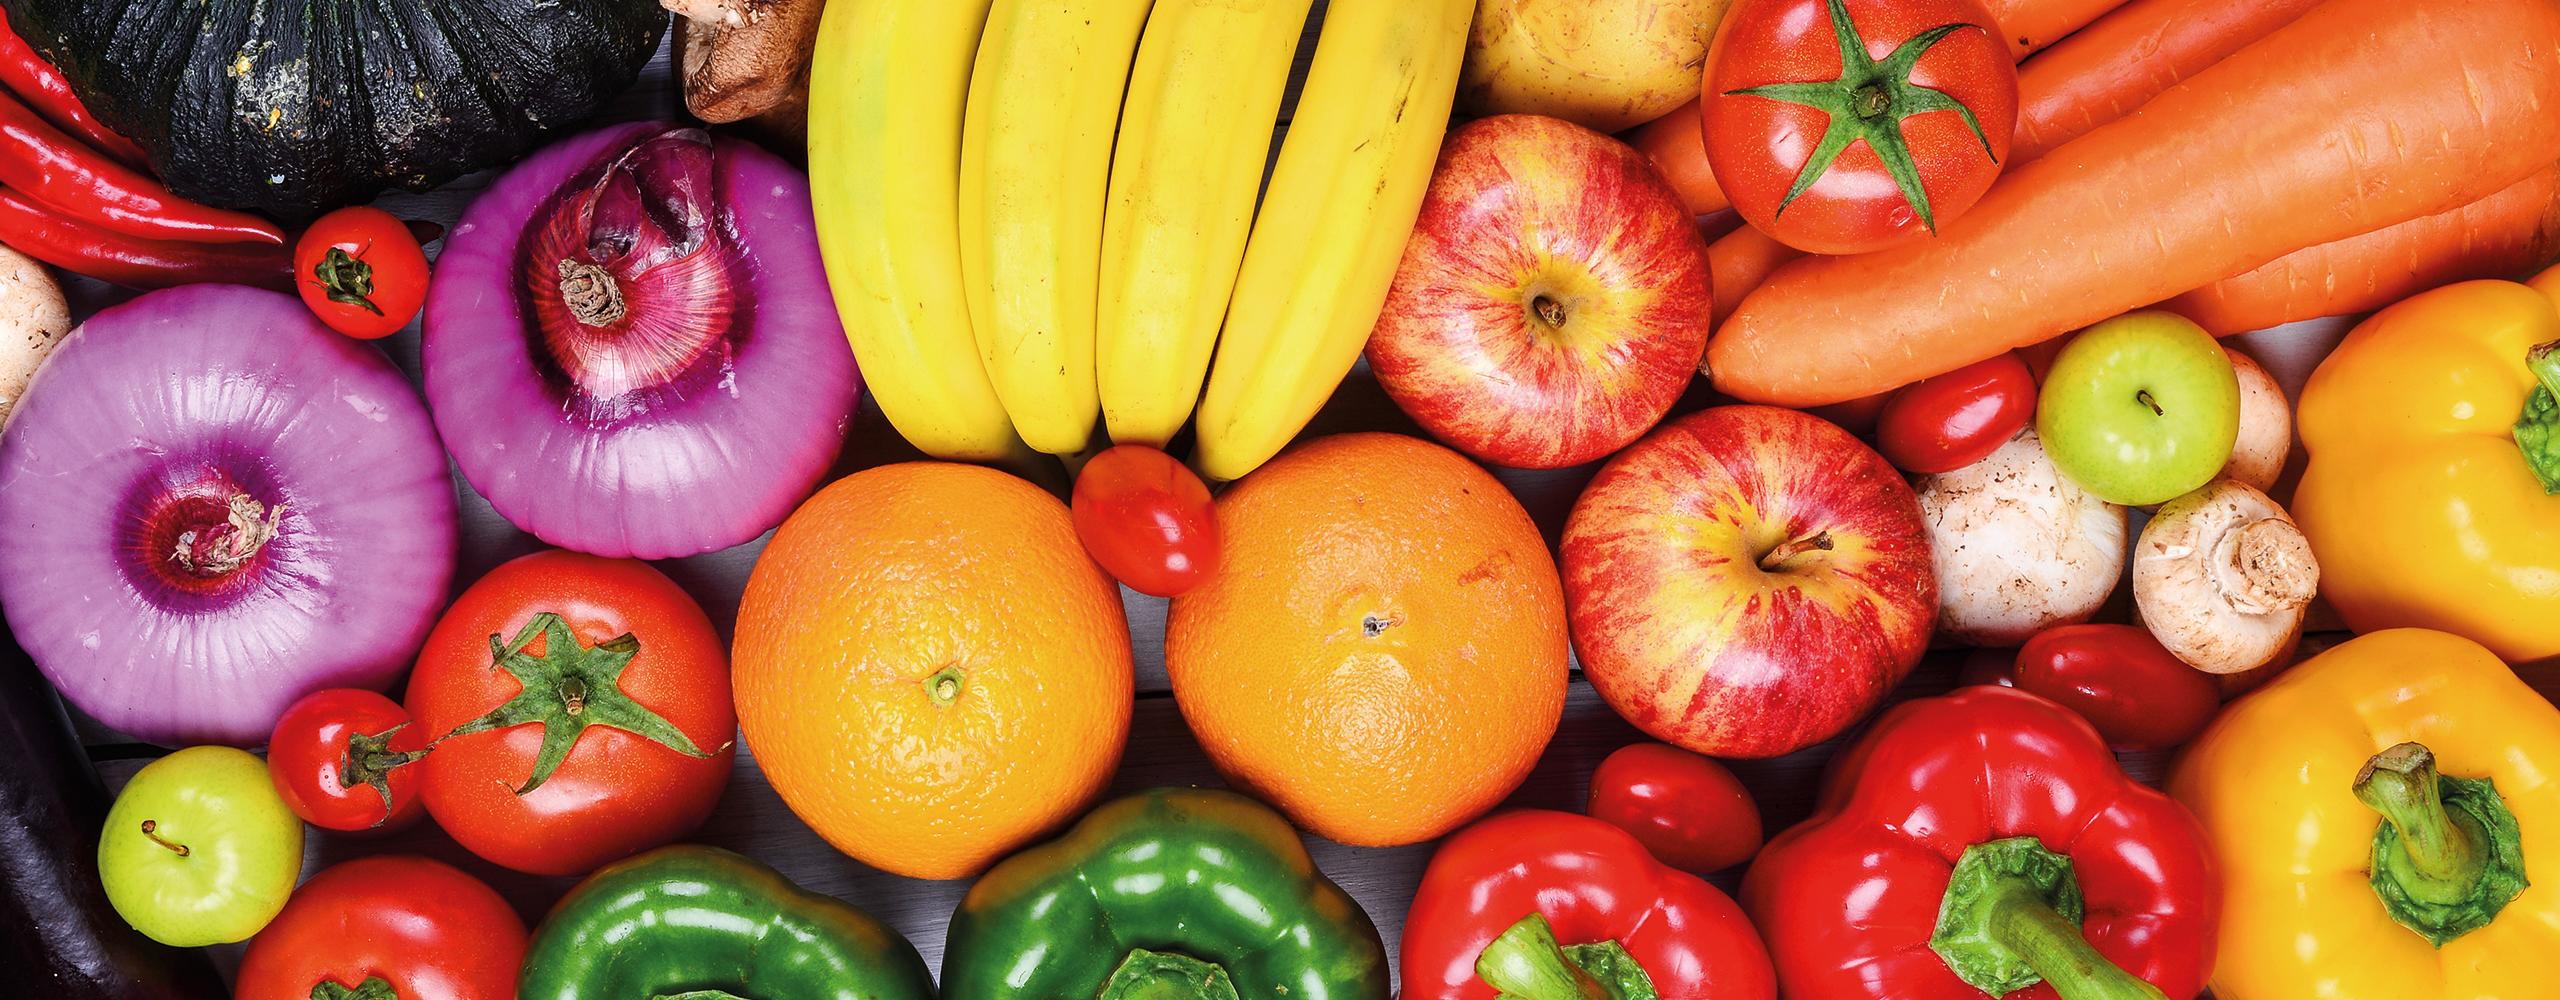 Como lidar com os resíduos da alimentação na quarentena?